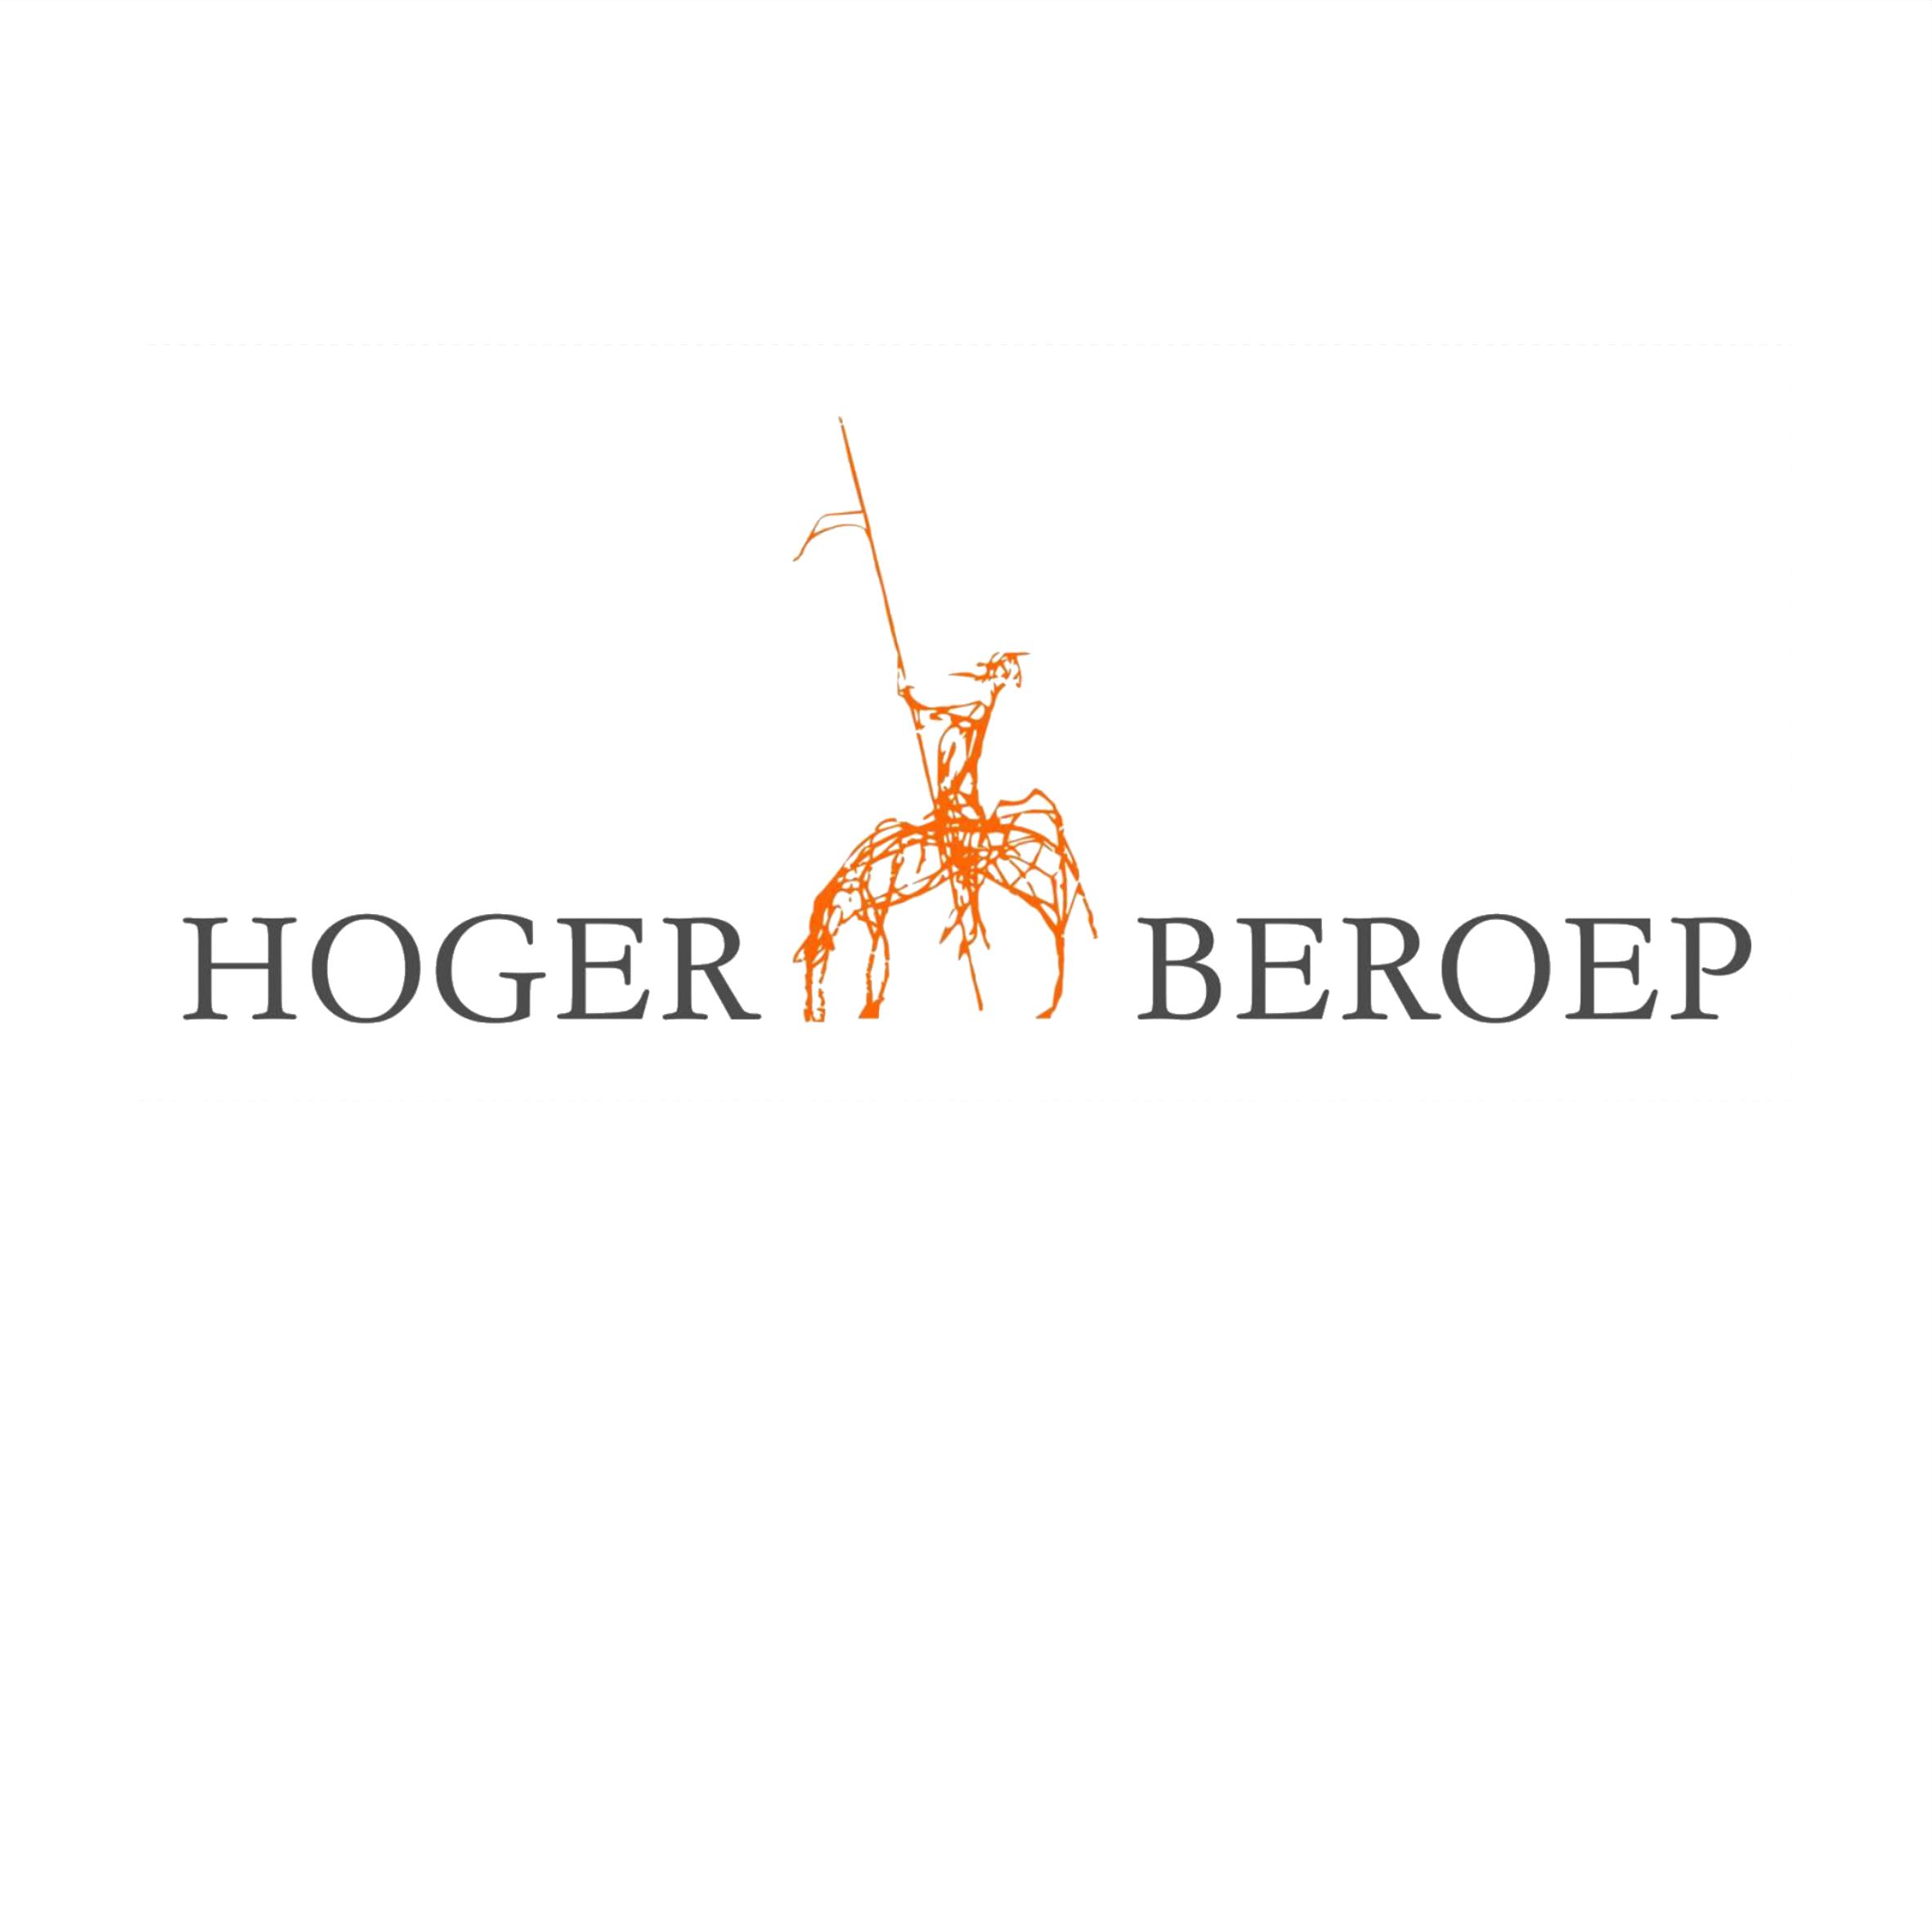 concepts-logo-hoger-beroep-werkterrein-kwartiermaken